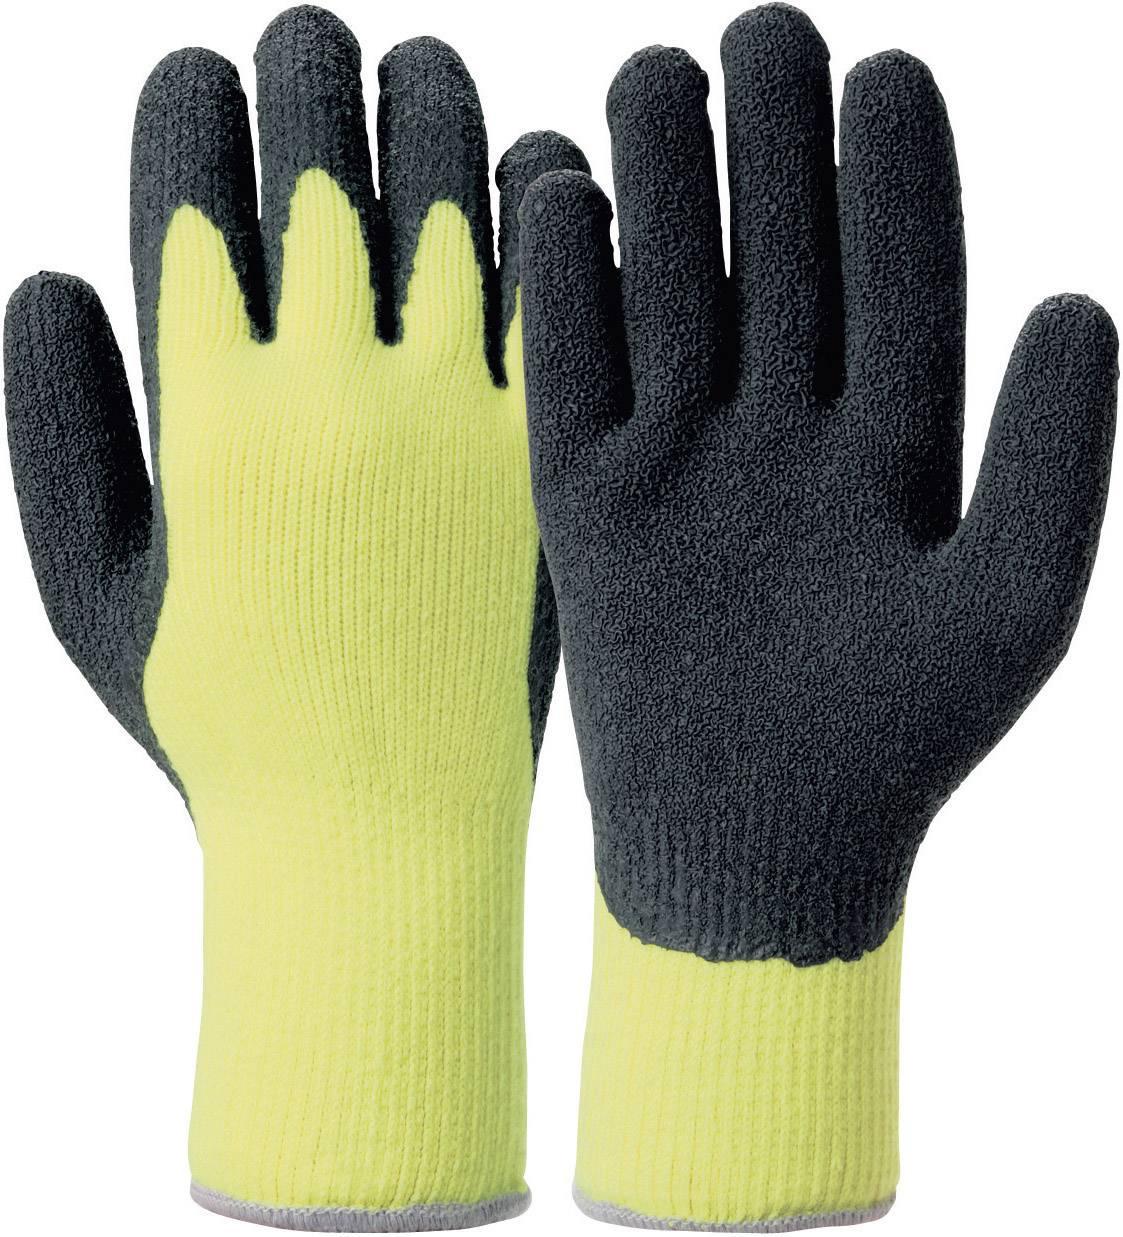 Pracovné rukavice KCL StoneGrip 692 692, velikost rukavic: 9, L